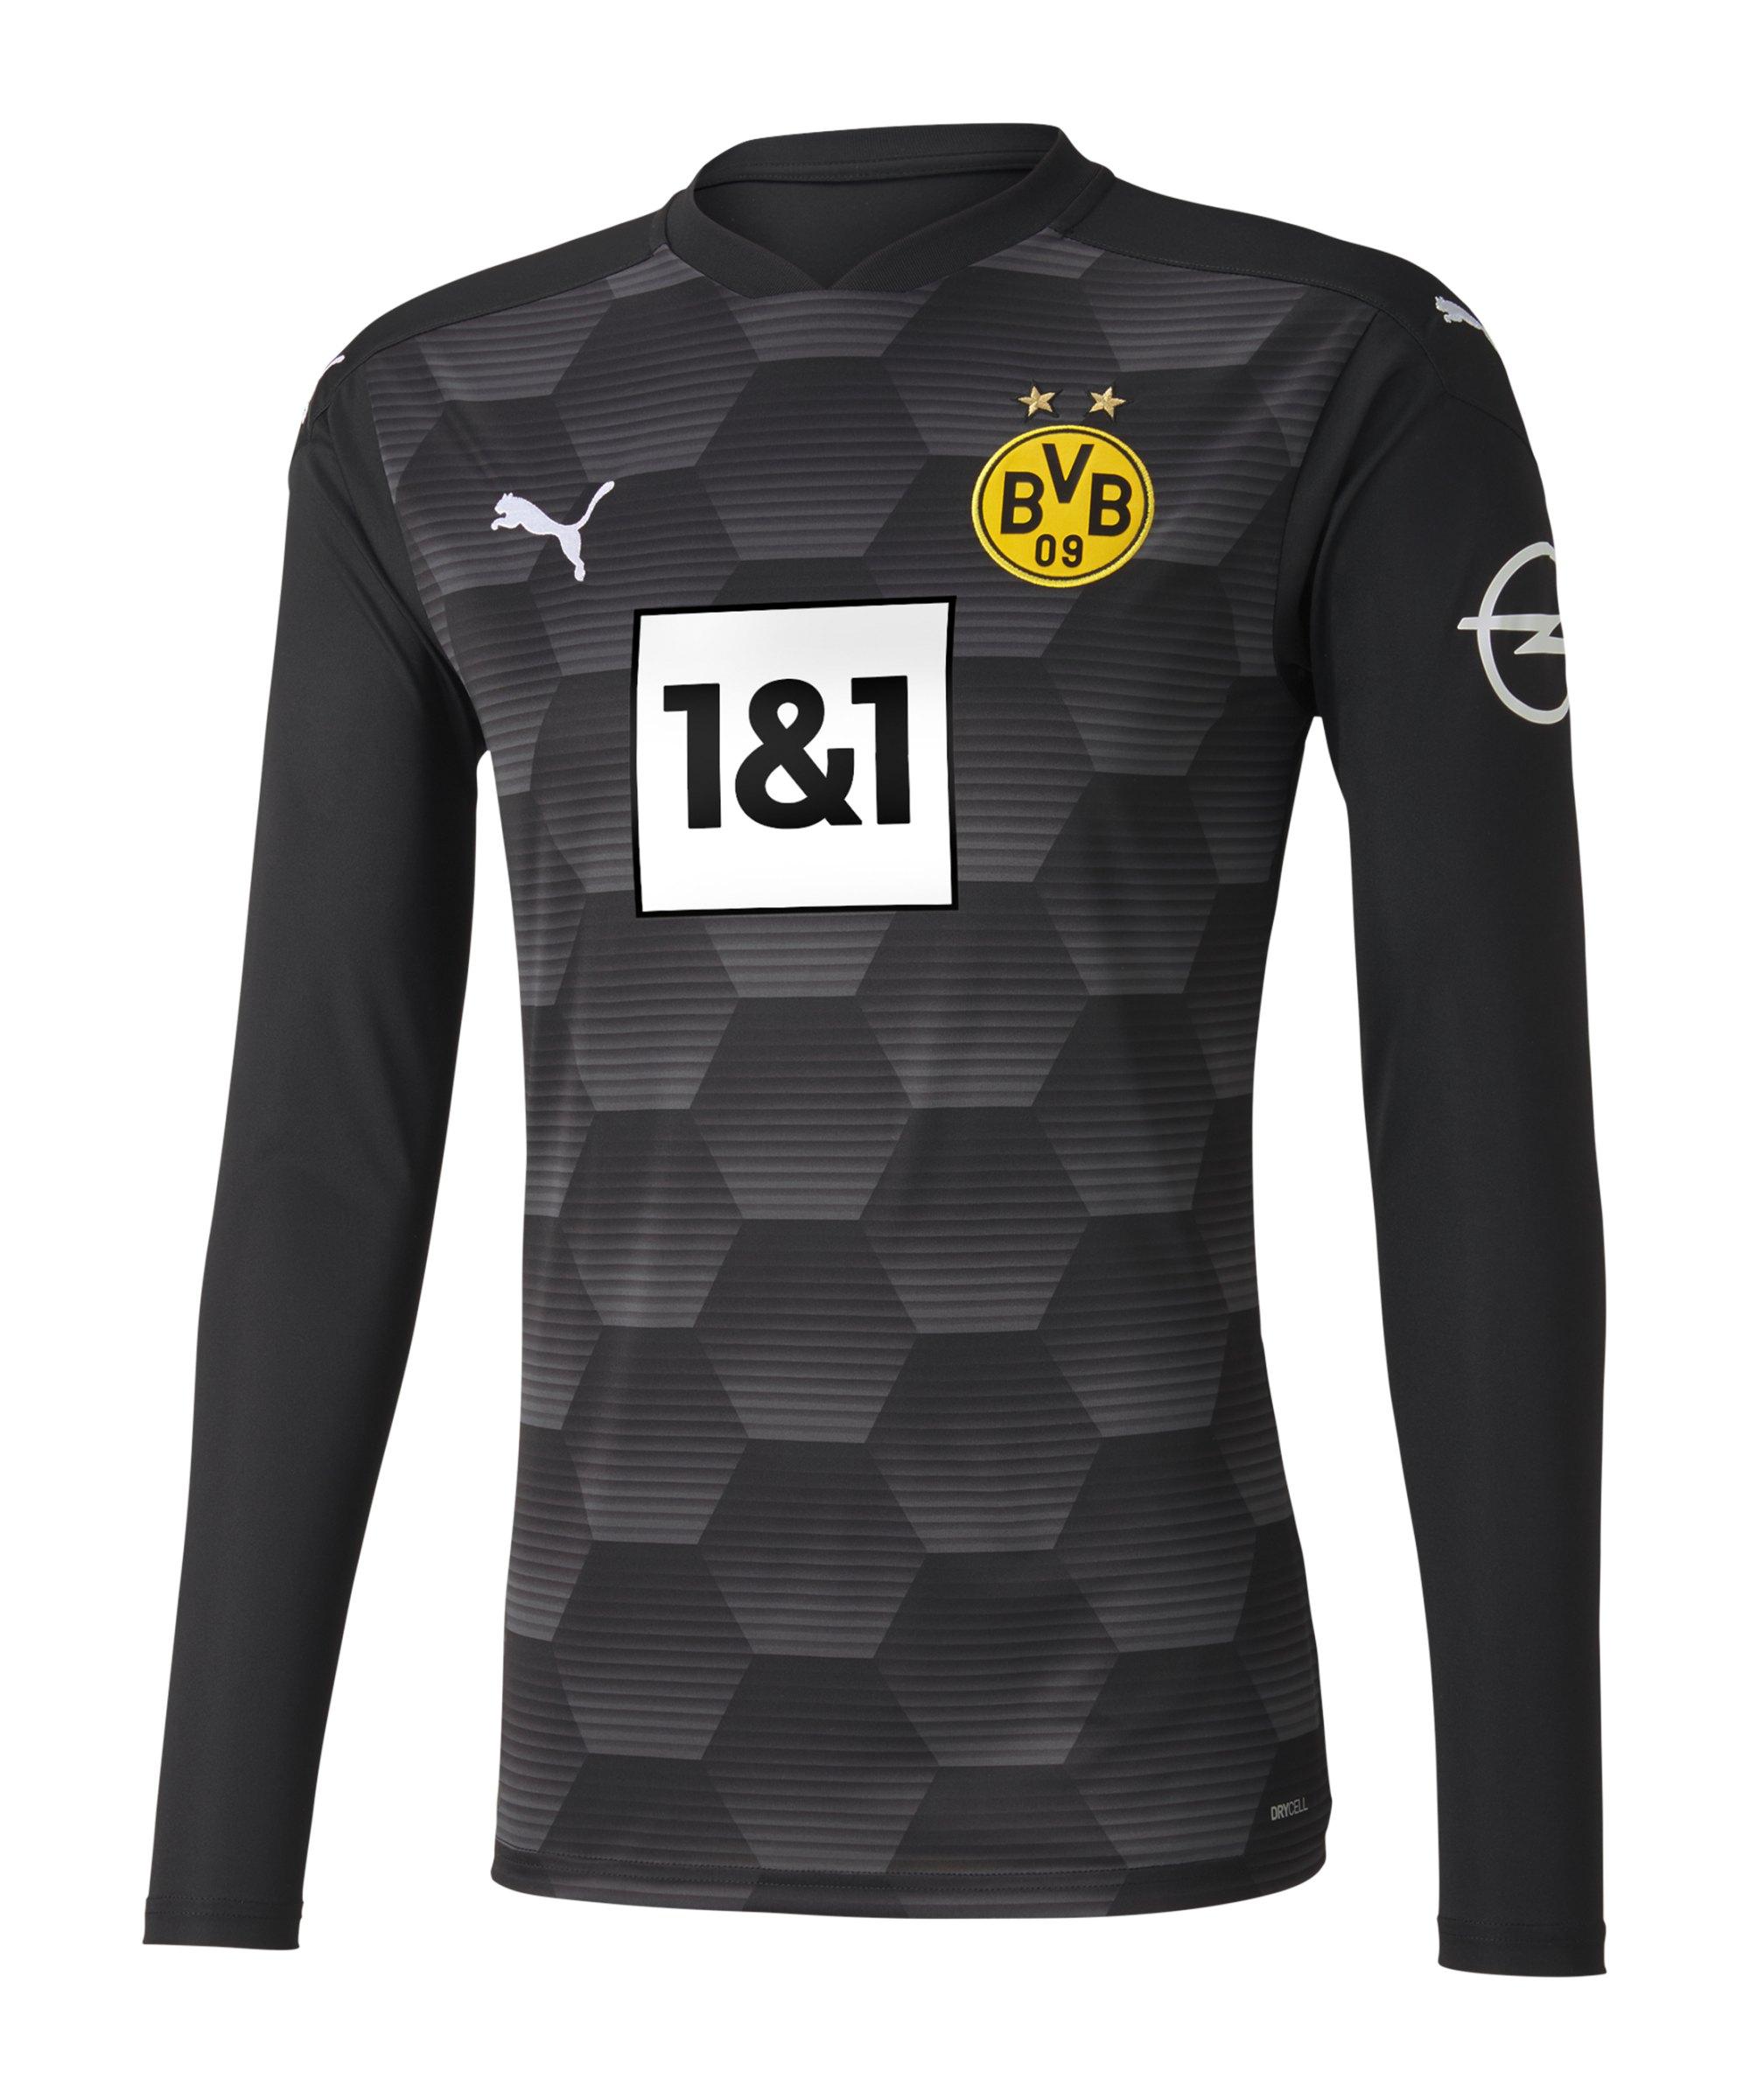 PUMA BVB Dortmund Torwarttrikot 2020/2021 Schwarz F02 - schwarz